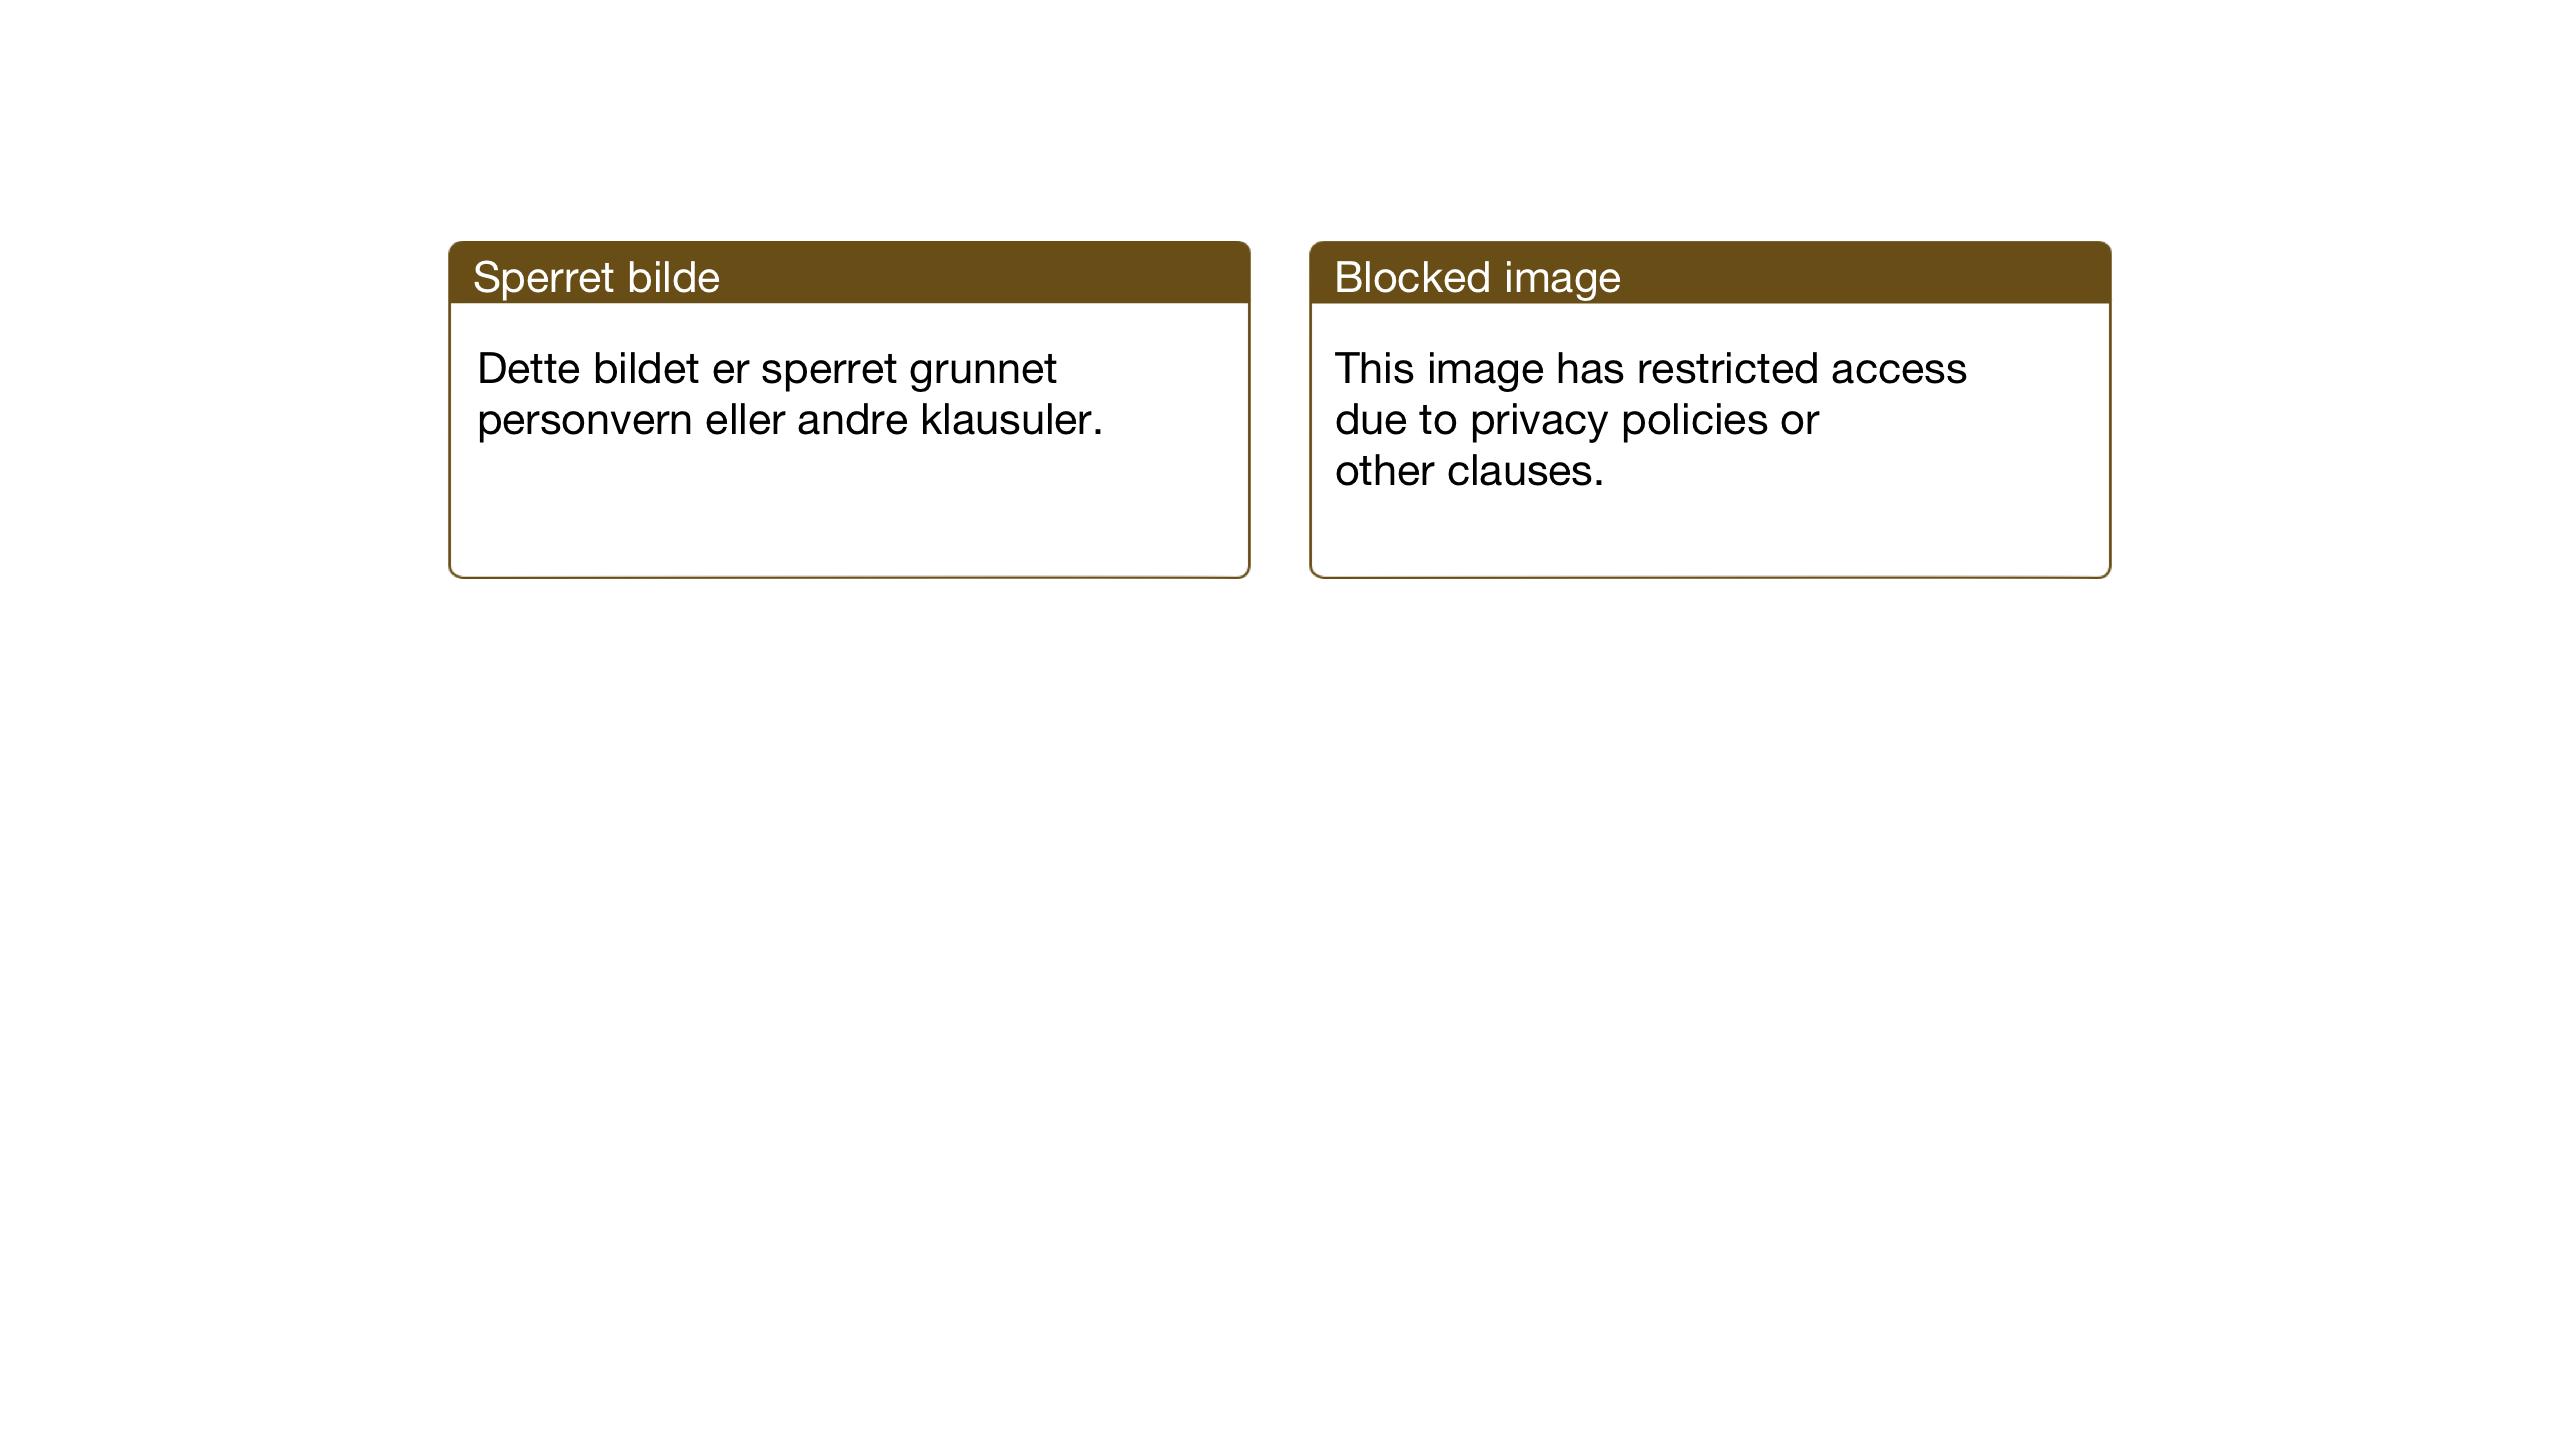 SAT, Ministerialprotokoller, klokkerbøker og fødselsregistre - Sør-Trøndelag, 695/L1158: Klokkerbok nr. 695C09, 1913-1940, s. 123